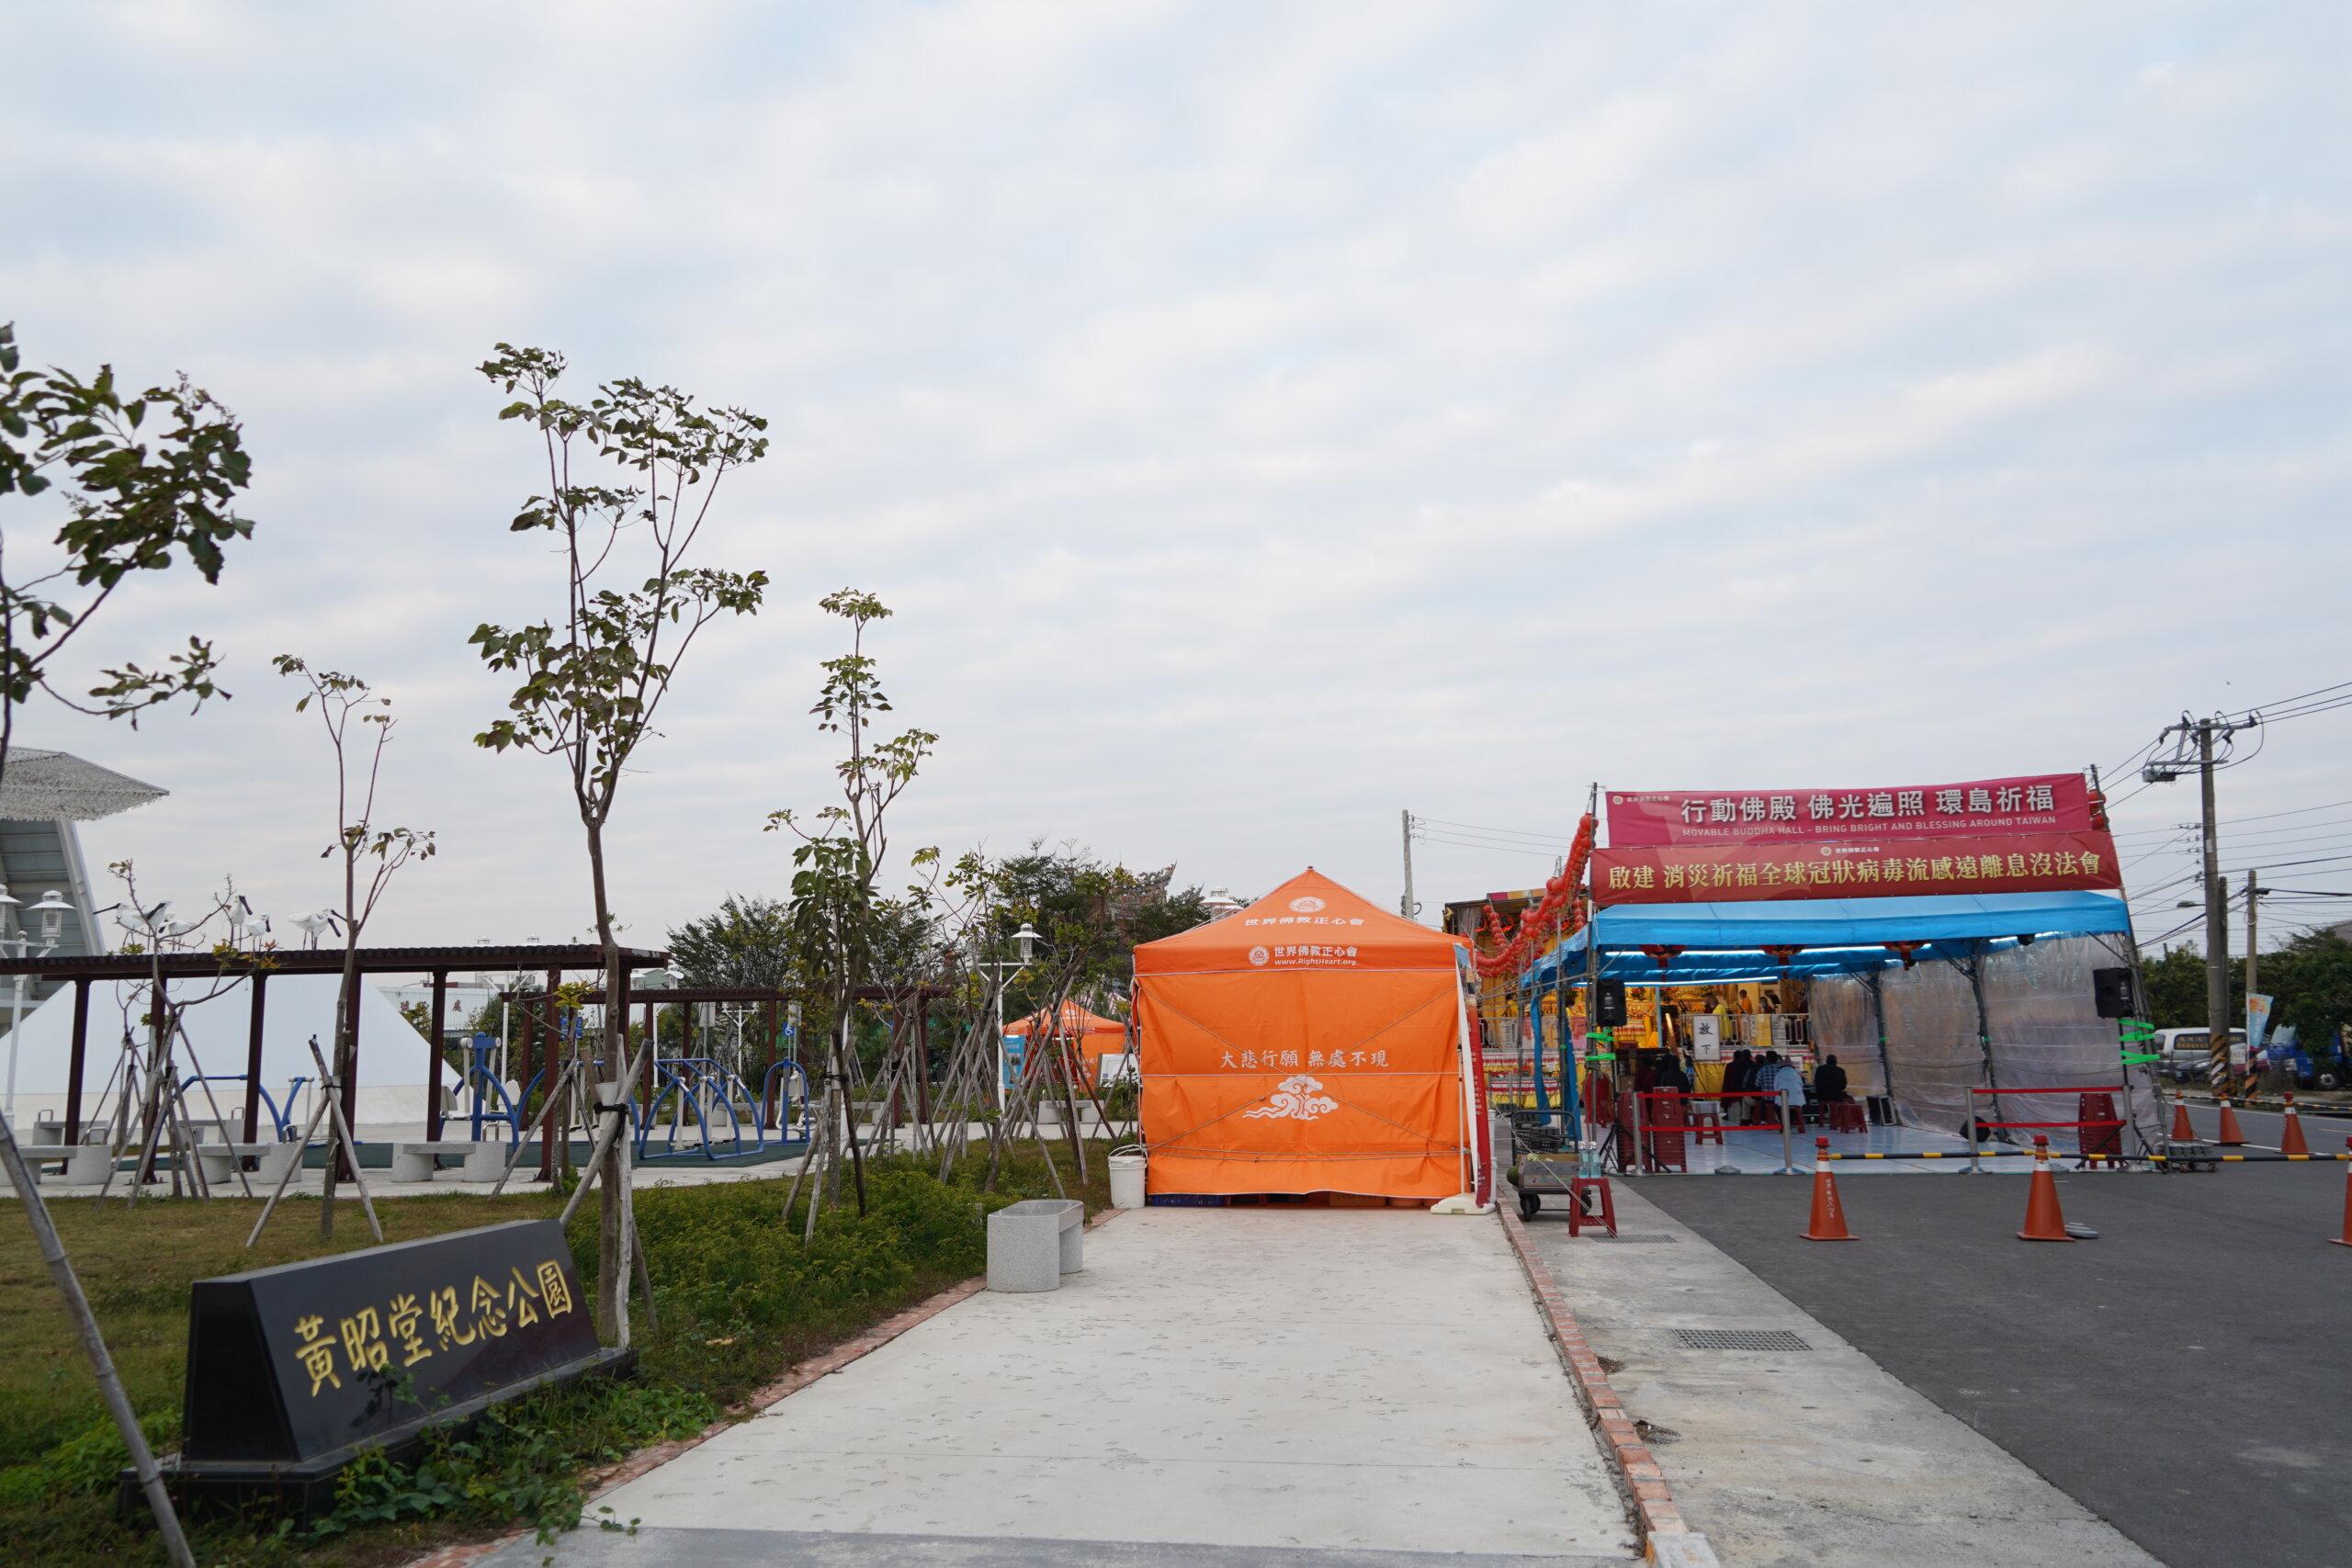 世界佛教正心會行動佛殿118站台南七股黃昭堂紀念公園舉辦誦經祈福法會